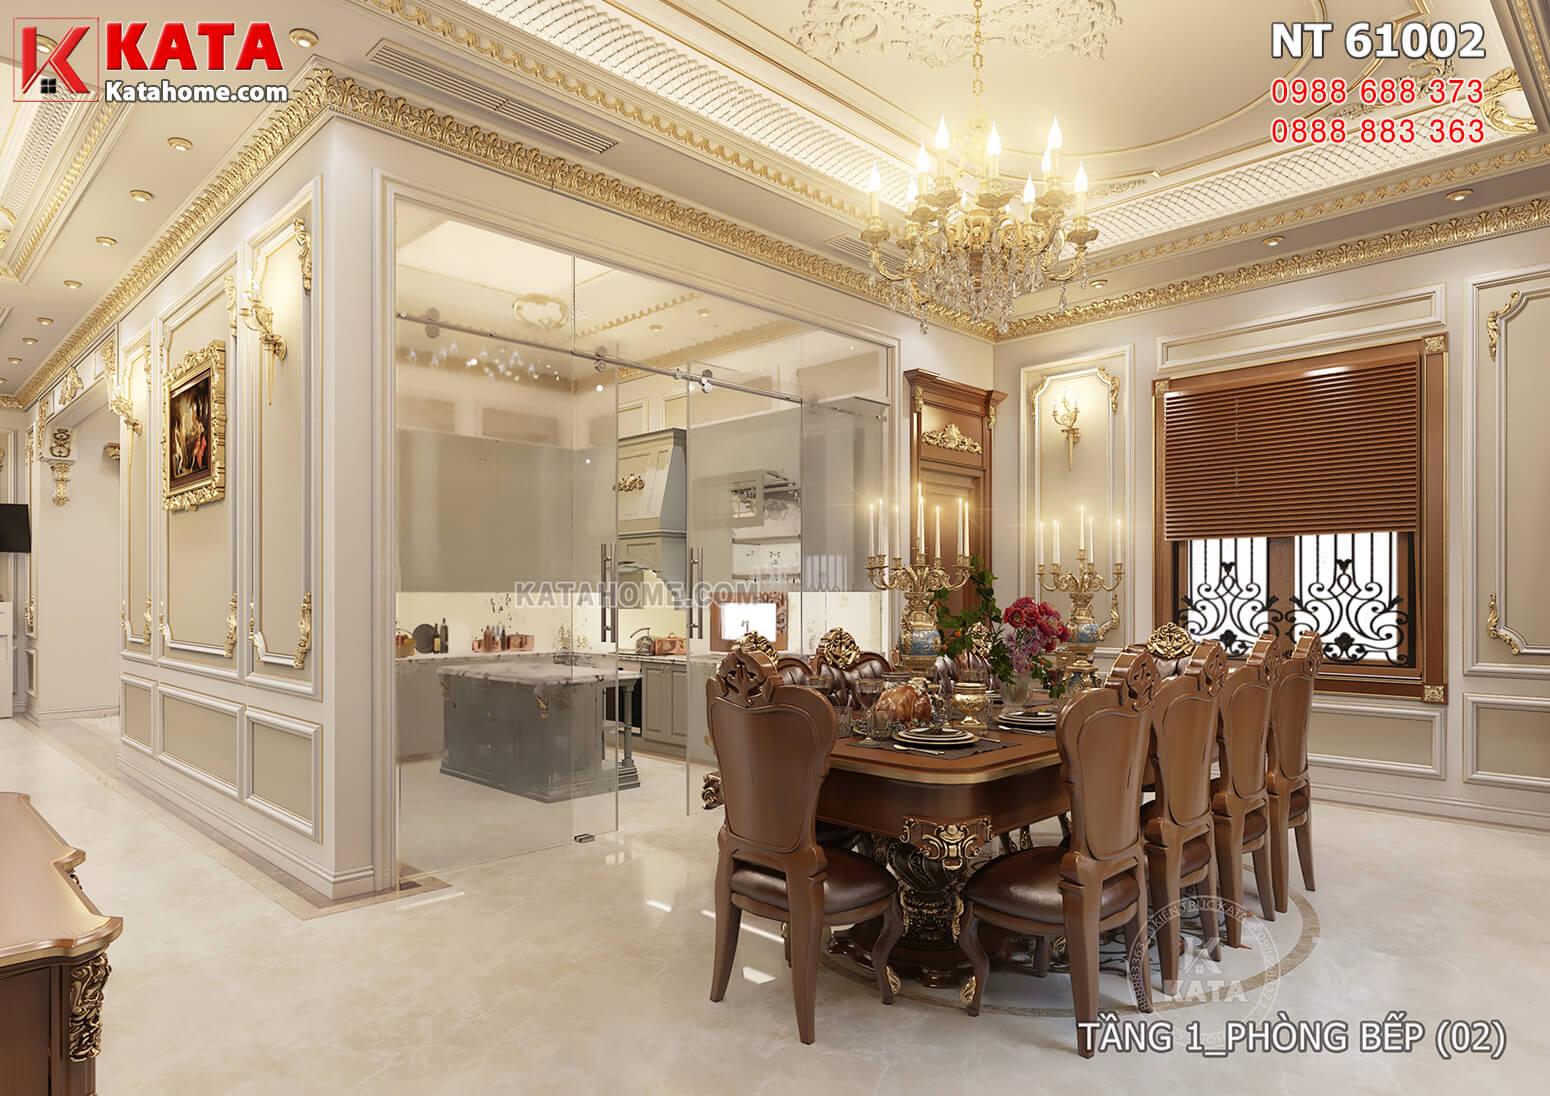 Hình ảnh: Thiết kế nội thất tân cổ điển đẹp tầng 1 - Không gian phòng bếp